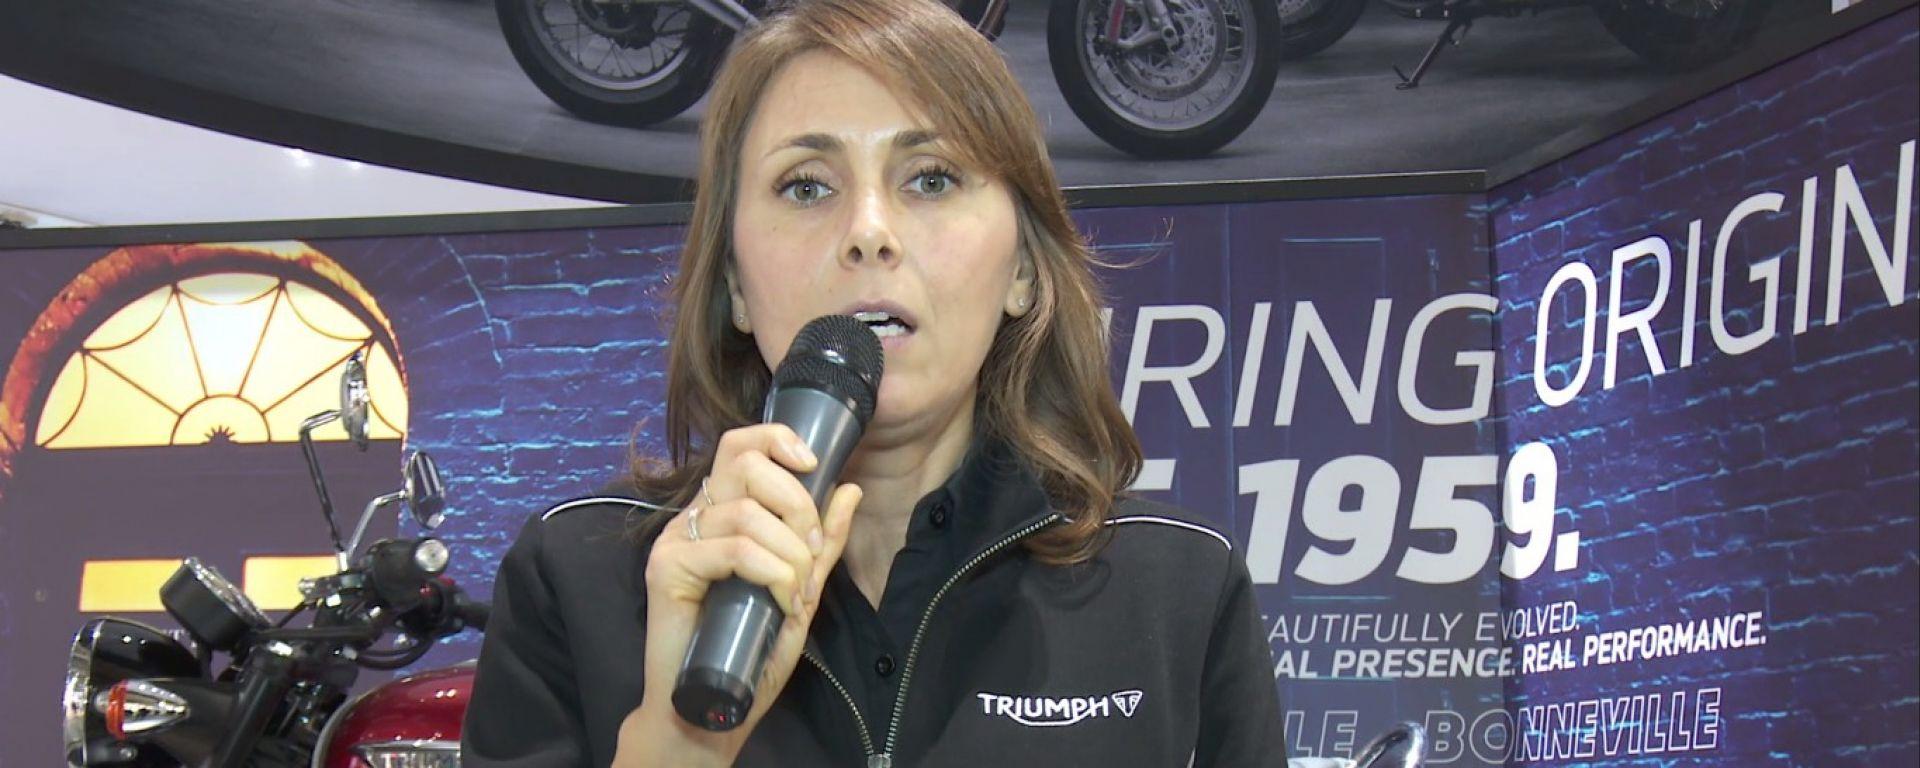 Eicma 2015 - notizie dalle Case: Triumph